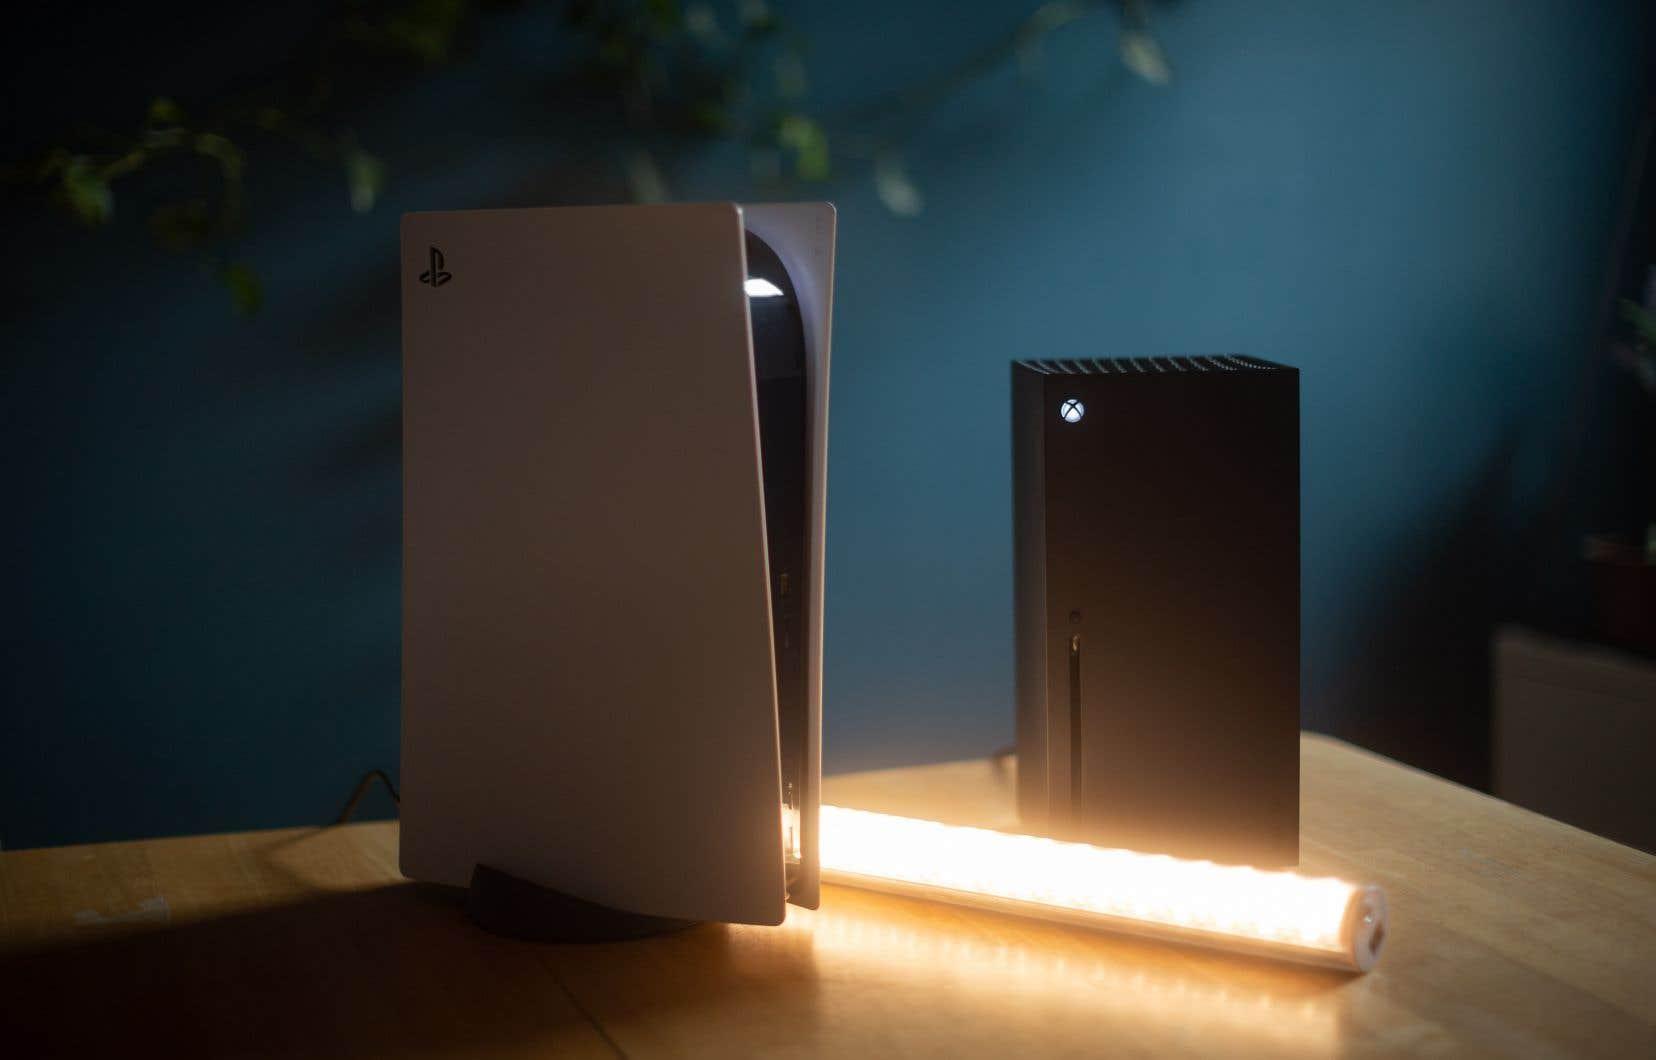 Les nouvelles consoles que vous retrouverez sur les listes de cadeaux de Noël: la PlayStation 5 et la Xbox Series X.